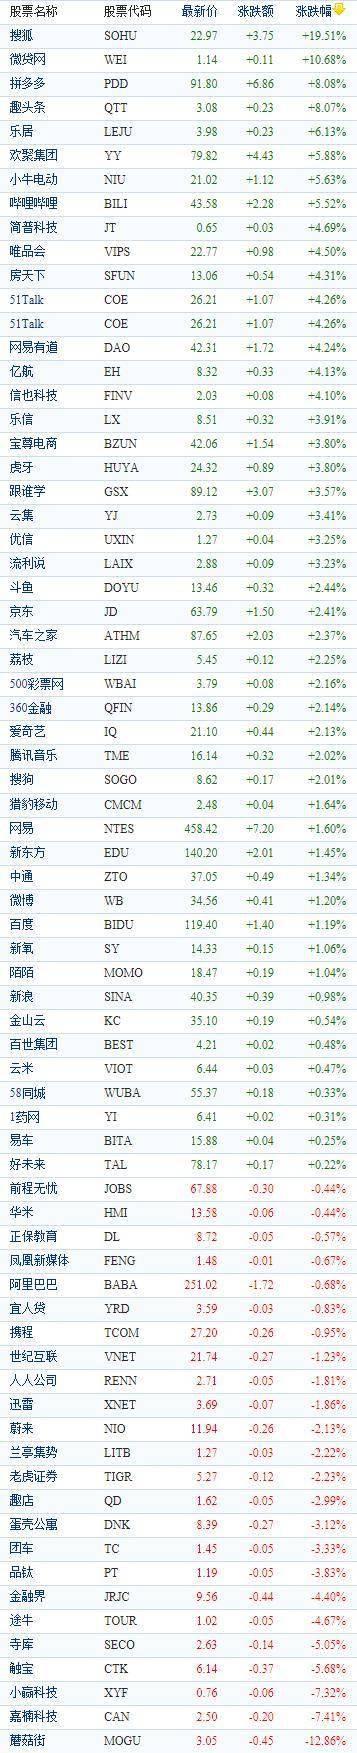 中国概念股周五收盘涨跌互现 搜狐大涨逾19%